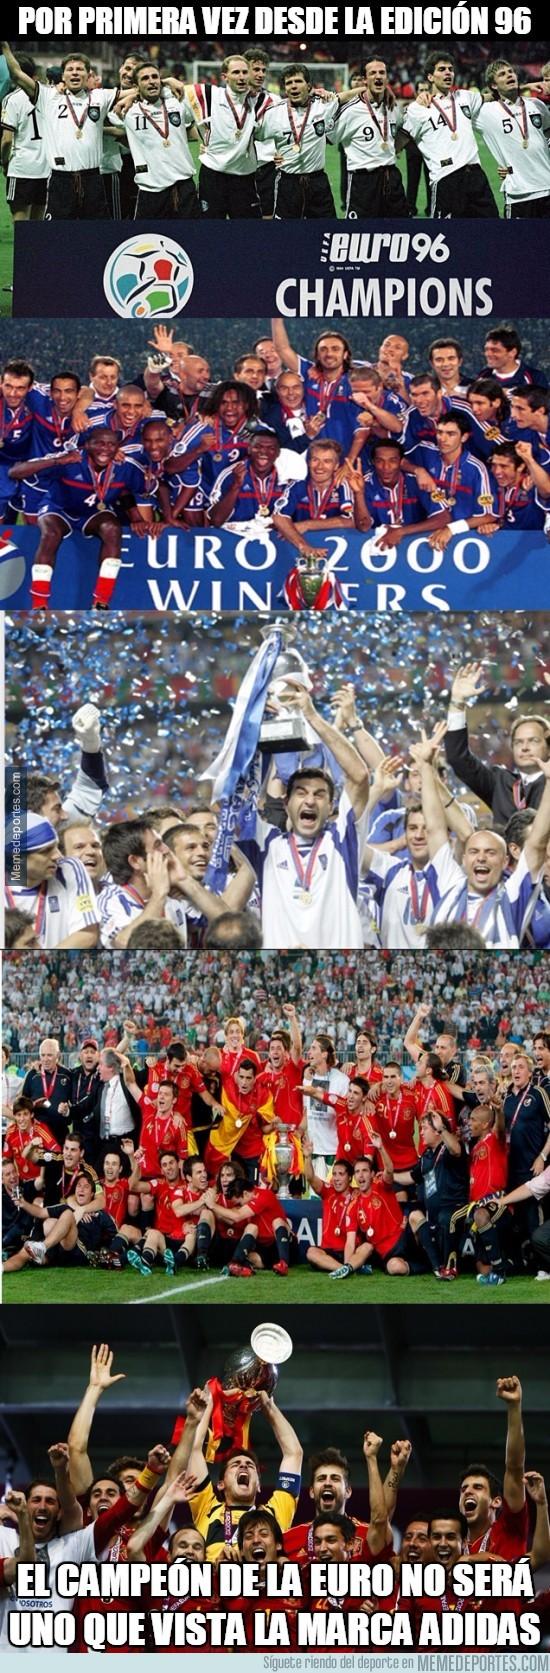 887623 - Muy curioso lo que pasará en la final de la Eurocopa